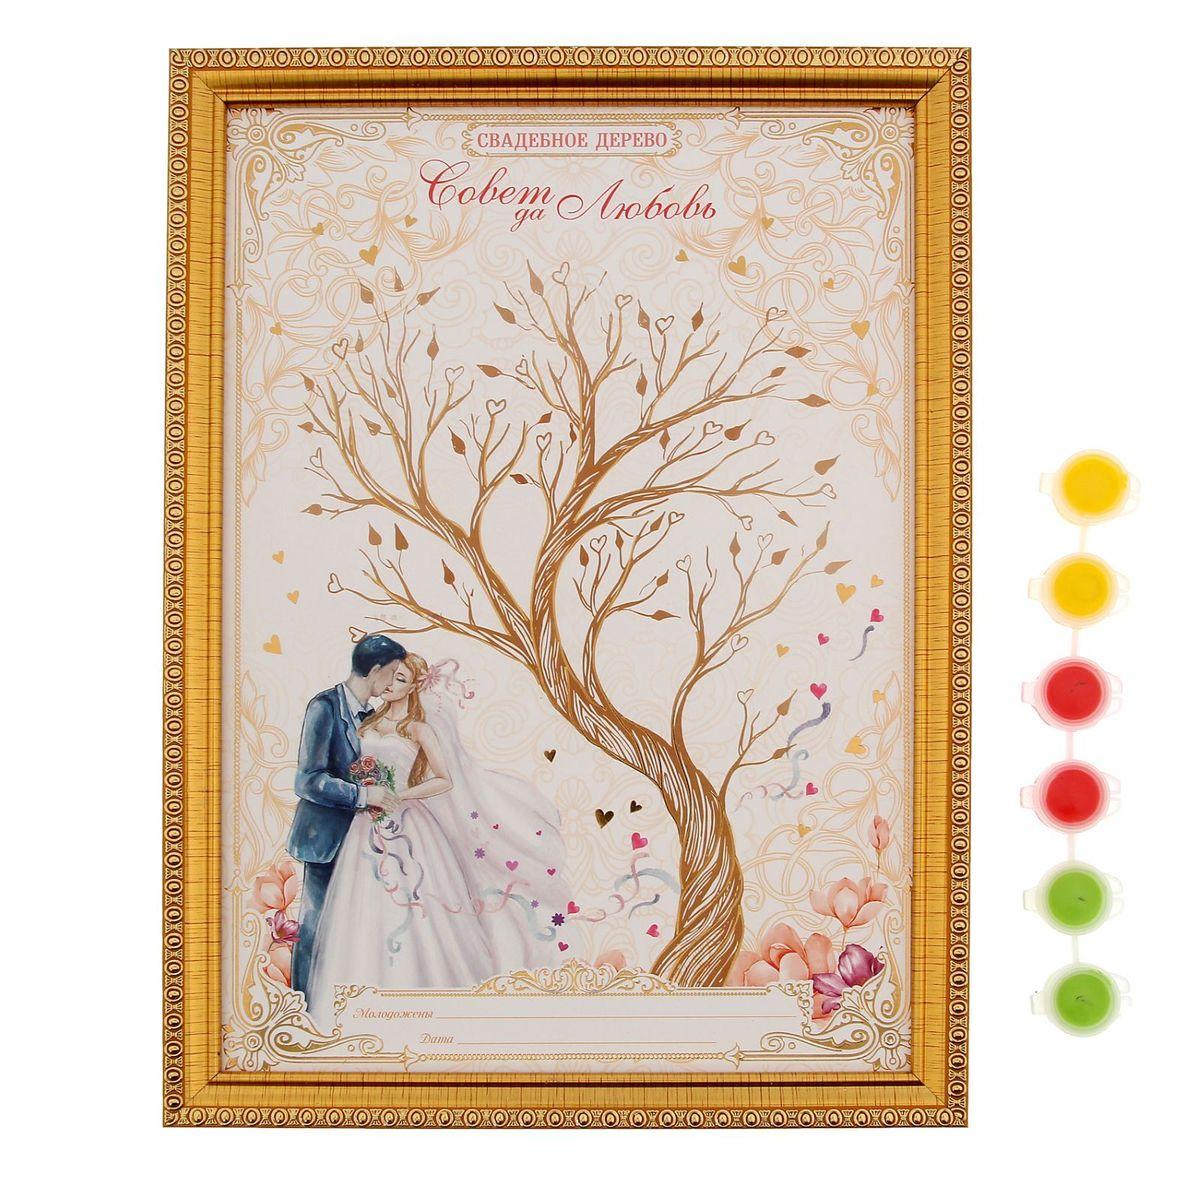 Дерево свадебных пожеланий в рамке Sima-land Жених и невеста, 32 x 23,2 x 1,5 см1031347Свадебное дерево пожеланий в рамке Жених и невеста — оригинальный способ собрать самые тёплые пожелания молодожёнам в одном месте! Процесс создания такого дерева захватывает и увлекает, ведь каждый листик — это отпечаток пальца. Во время торжества все гости смогут оставить памятный принт и написать искренние слова.Краски уже есть в комплекте. После они легко смоются с рук гостей. Специальная петля и ножка с обратной стороны позволяют повесить дерево пожеланий на стену, либо поставить его на стол или полку. Сувенир преподносится в подарочной коробочке.Сохраните приятные воспоминания о самом незабываемом дне!